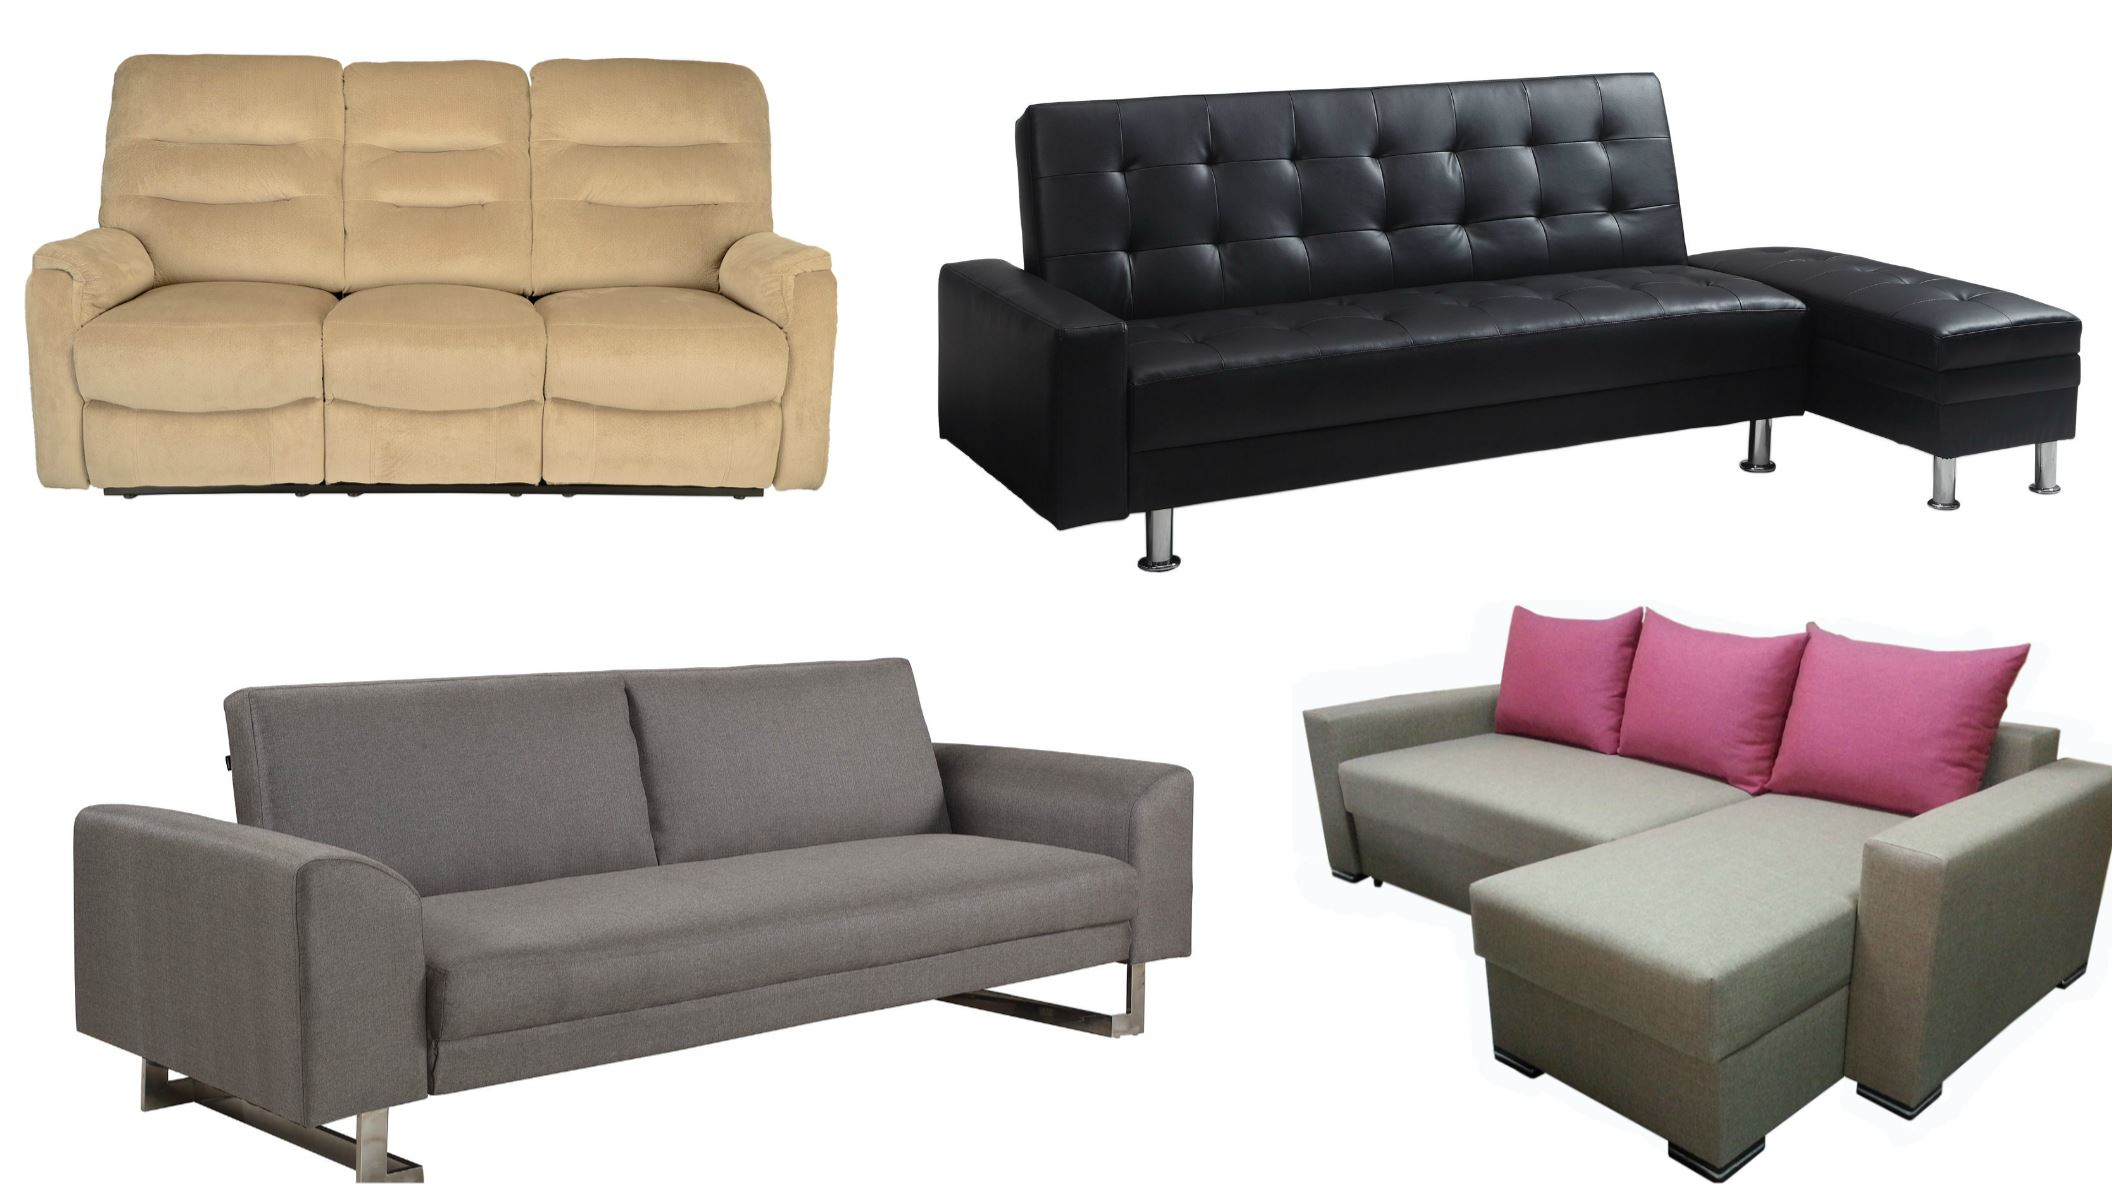 Canapele cu fotolii bucuresti 75